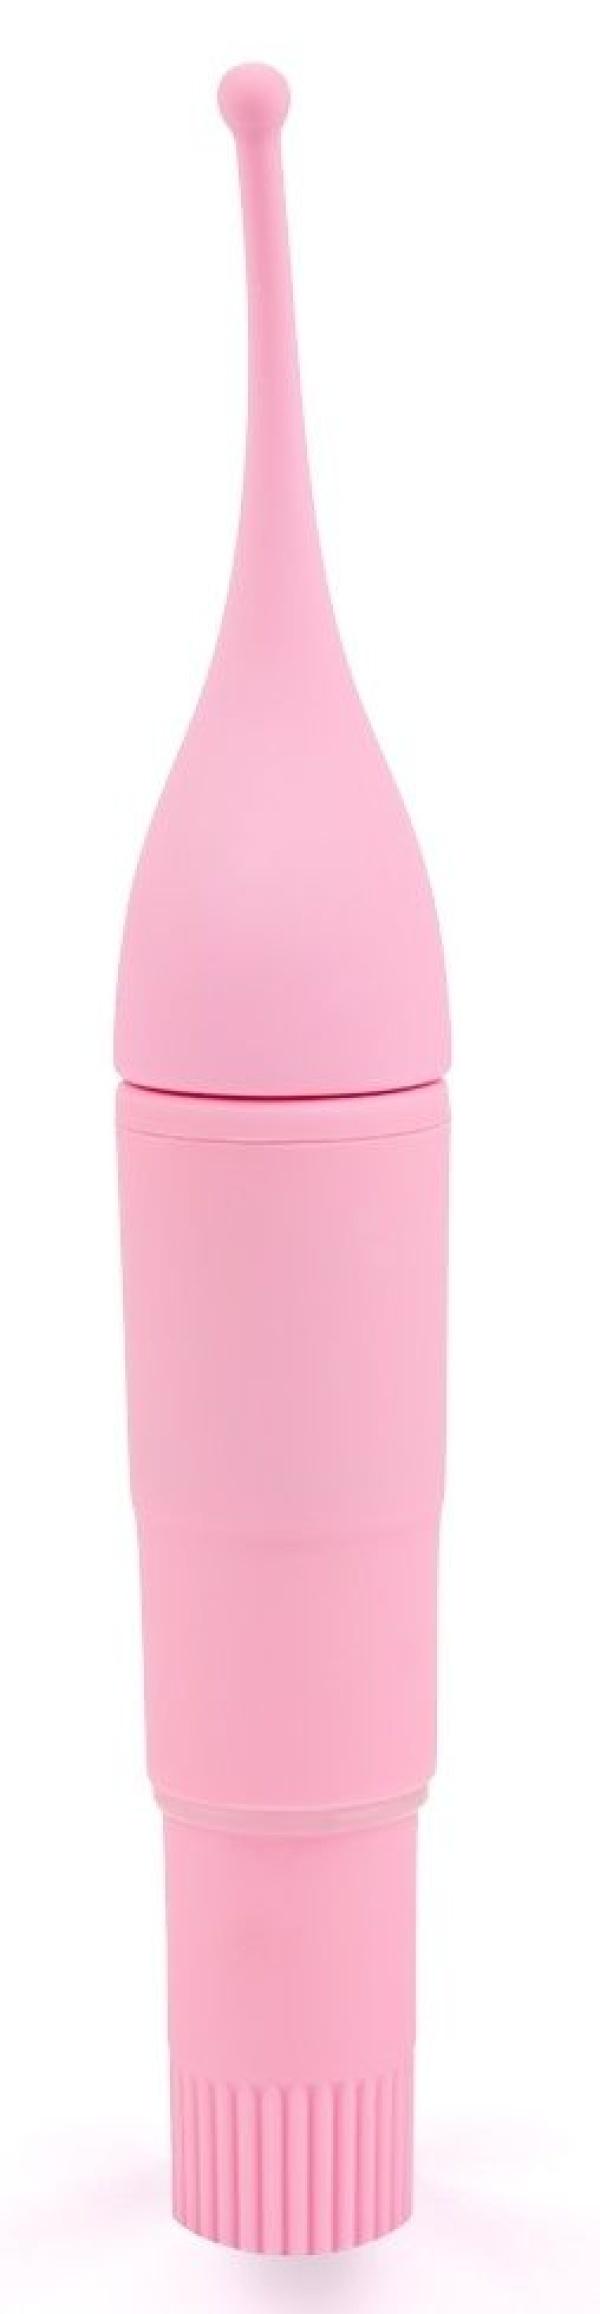 Нежно-розовый мини-вибратор для стимуляции клитора - 16 см.